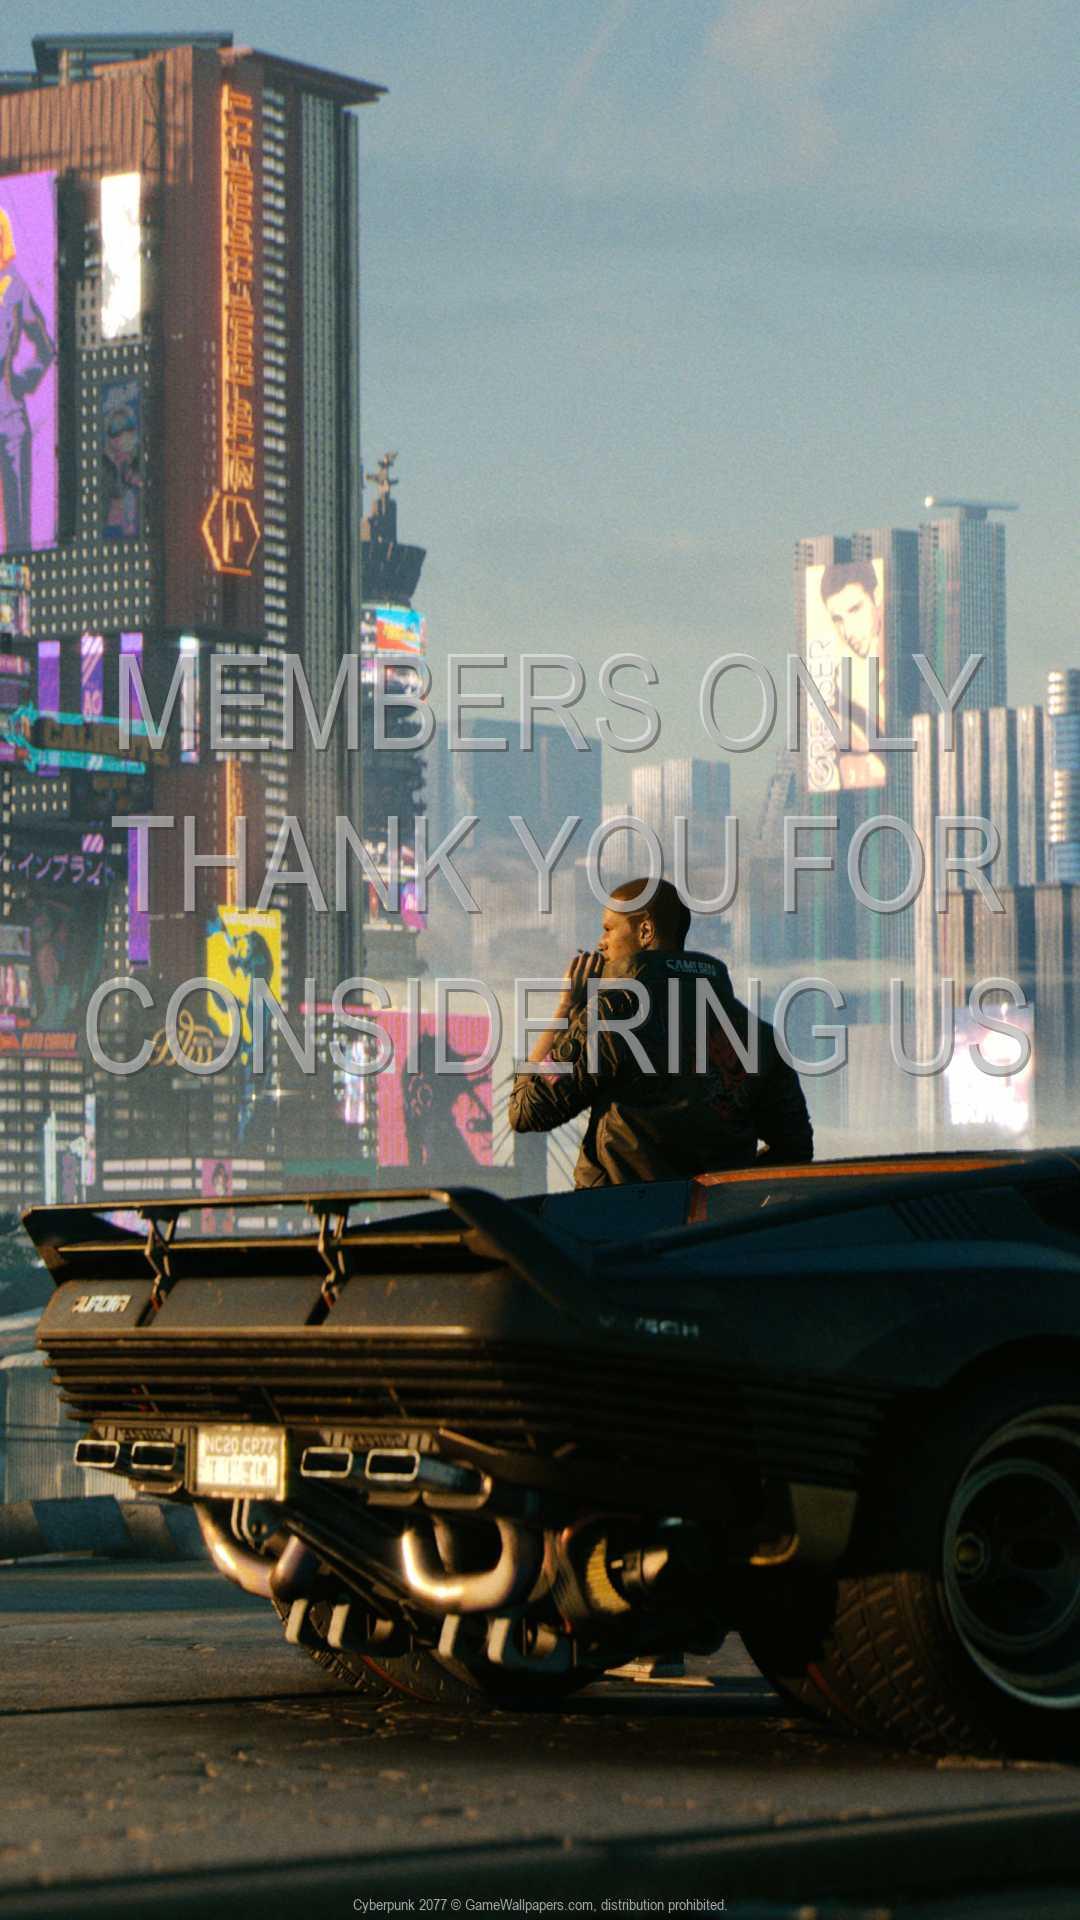 Cyberpunk 2077 1080p Vertical Mobile fond d'écran 06